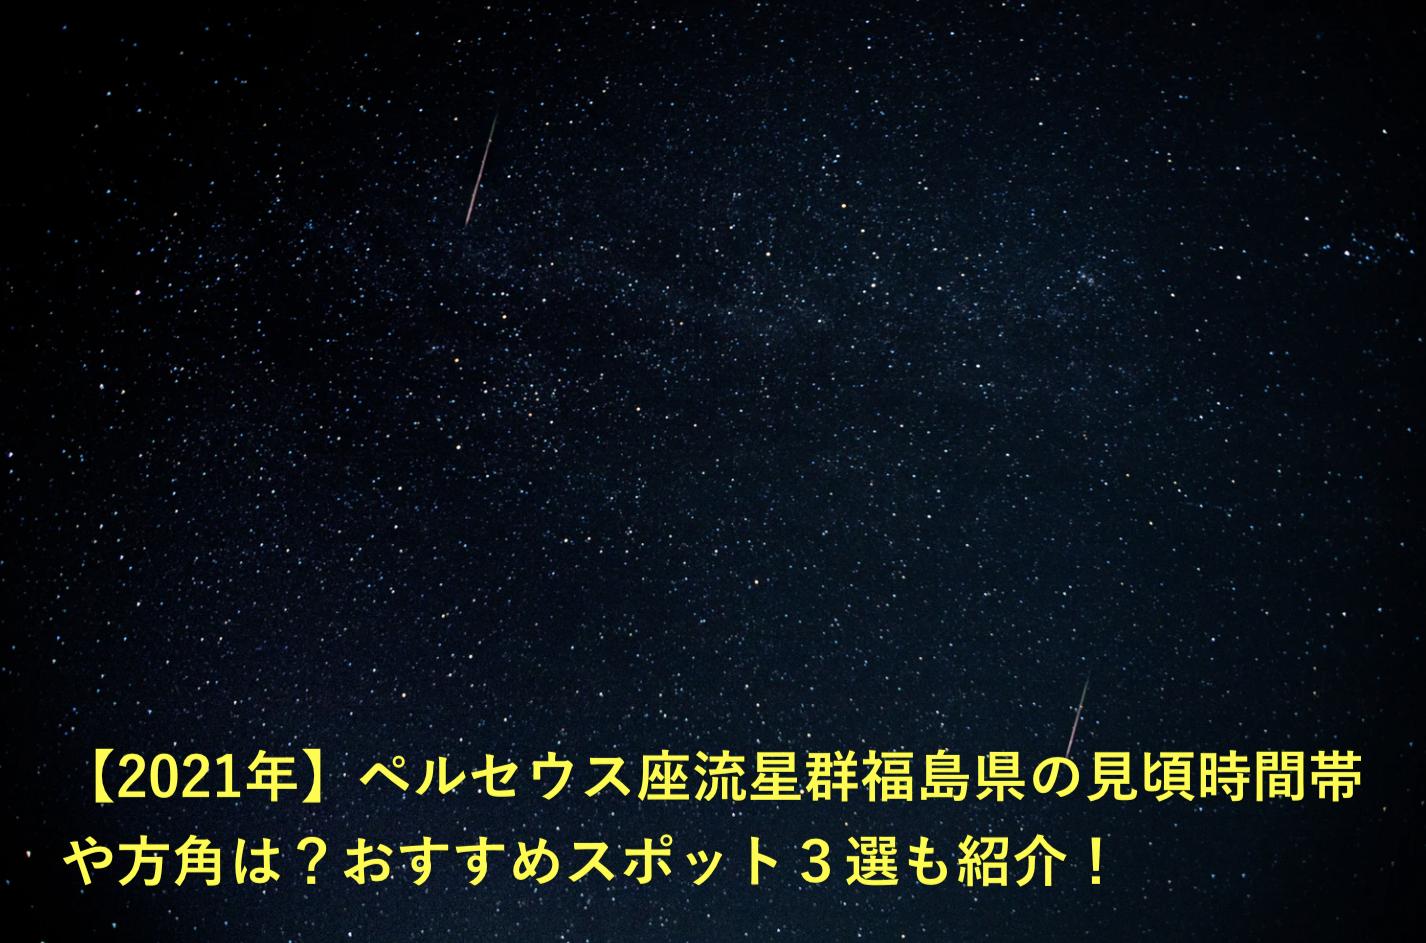 ペルセウス座流星群 福島 見頃時間帯 方角 おすすめスポット